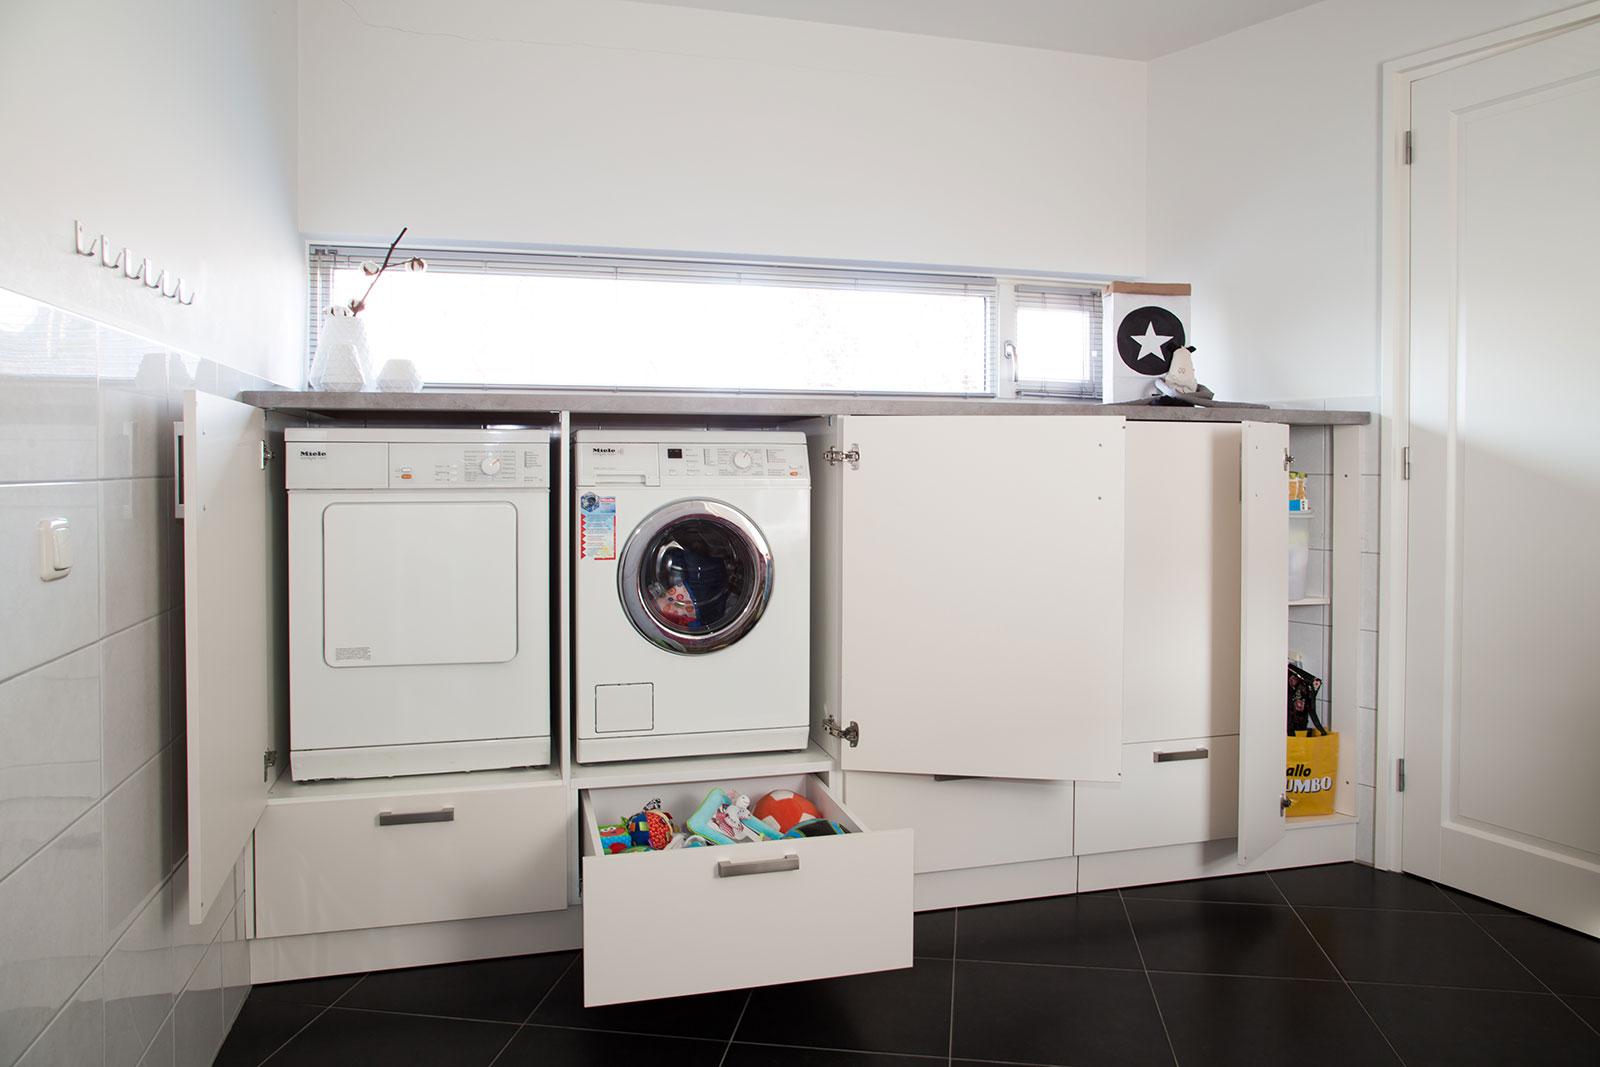 Ideeen ontwerp Wasruimte : Algemene Voorwaarden - CVH Design - Maatinterieur voor wonen en werken